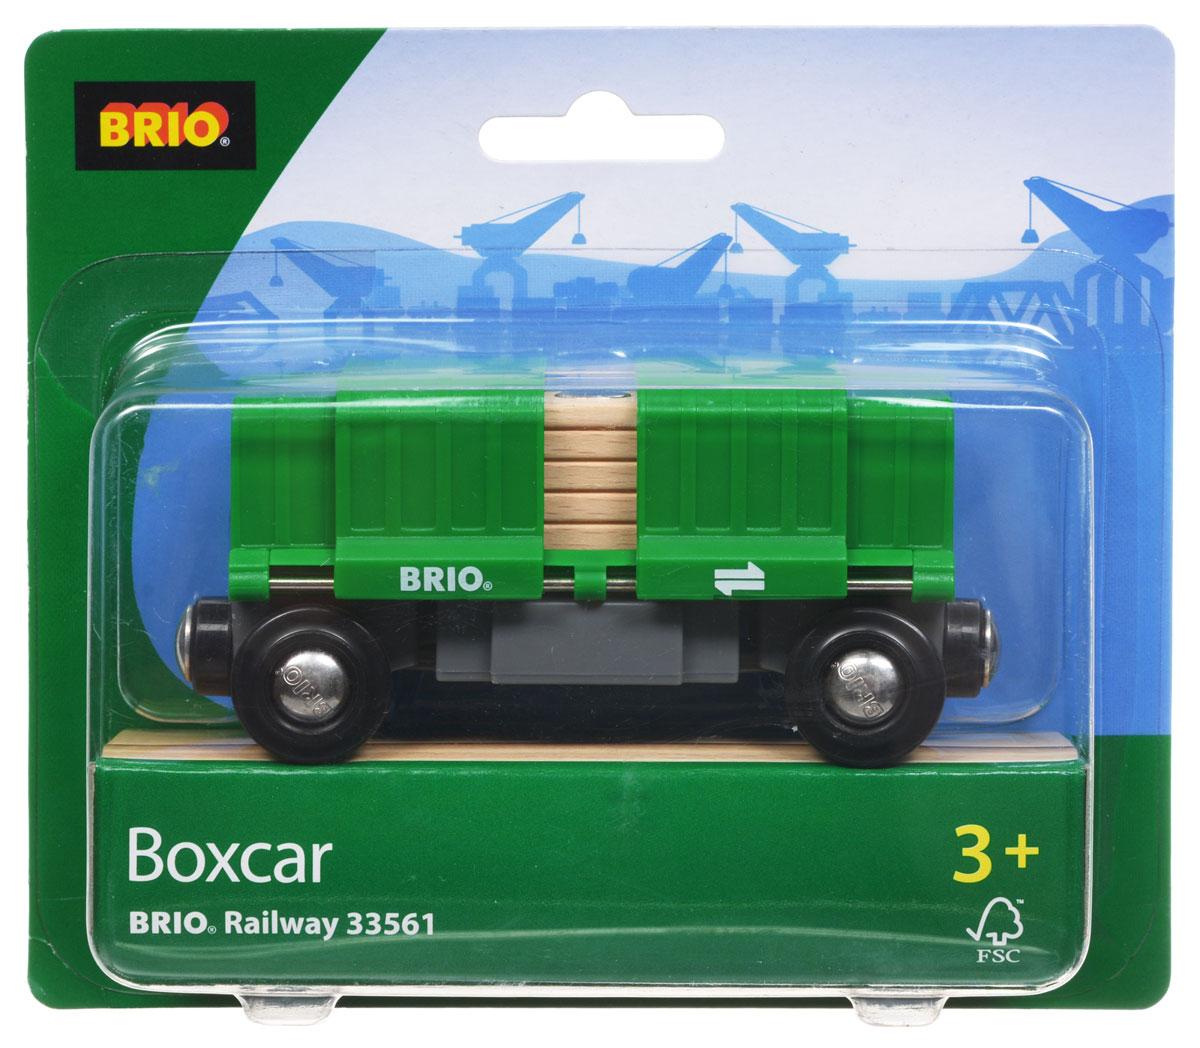 Brio Железная дорога Вагон раздвижной33561Вашему ребенку обязательно пригодится в игре с железной дорогой Вагон раздвижной. Вагон изготовлен из пластика, металла и дерева. Сверху на вагоне имеются пластиковые раздвижные вставки. По краям вагона имеются магнитные вставки, с помощью которых вагончики соединяются с паровозом, или друг с другом. С этим элементом ребенок может значительно разнообразить игры с железной дорогой. Вагон совместим со всеми железными дорогами и паровозиками Brio. Железные дороги позволяют ребенку не только получать удовольствие от игры, но и развивать пространственное воображение, мелкую моторику и координацию движений.